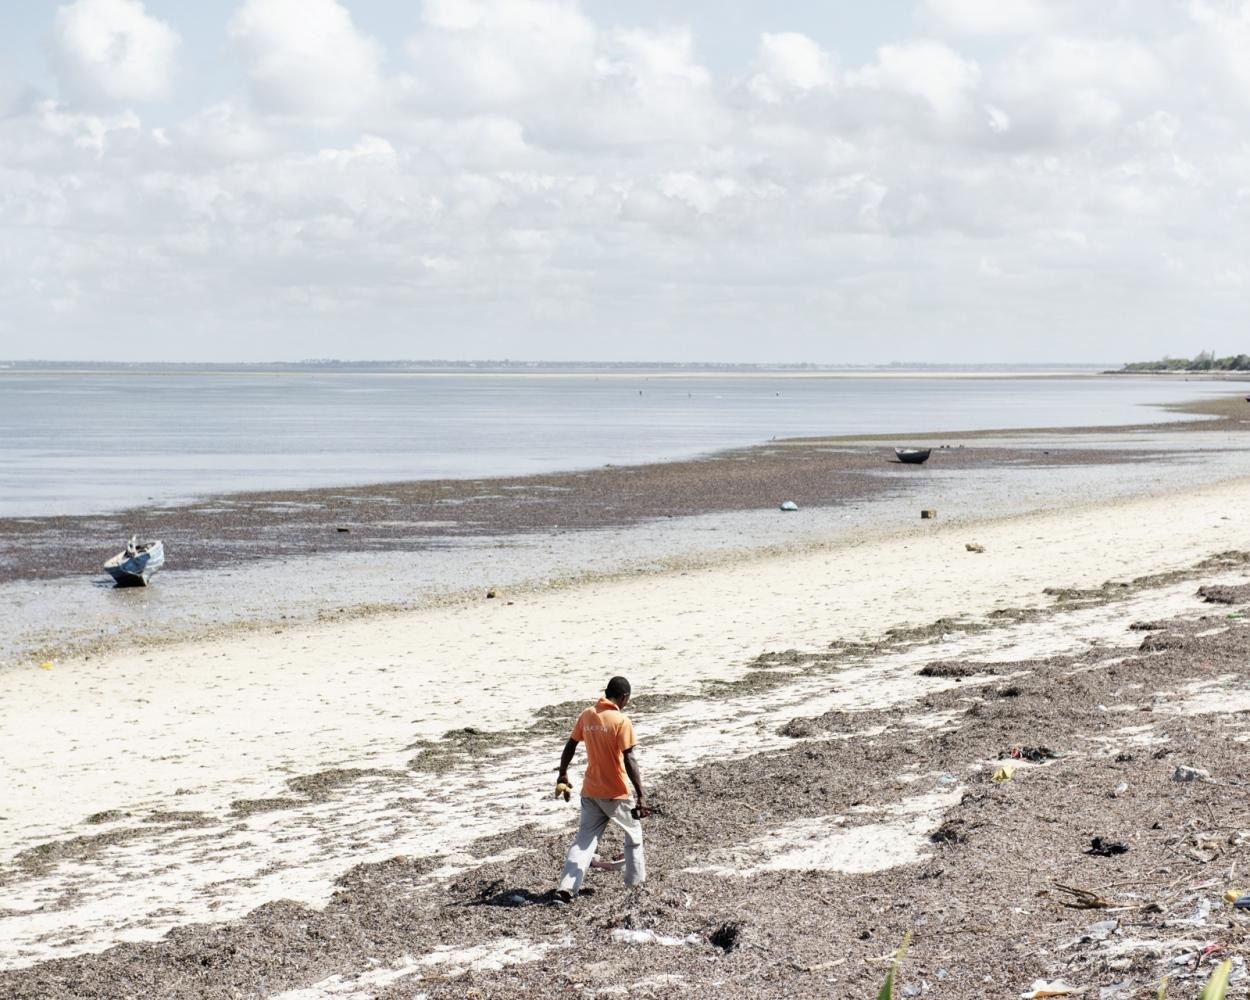 A Sea Cucumber trader walks on the beach near Ilha de Mozambique.